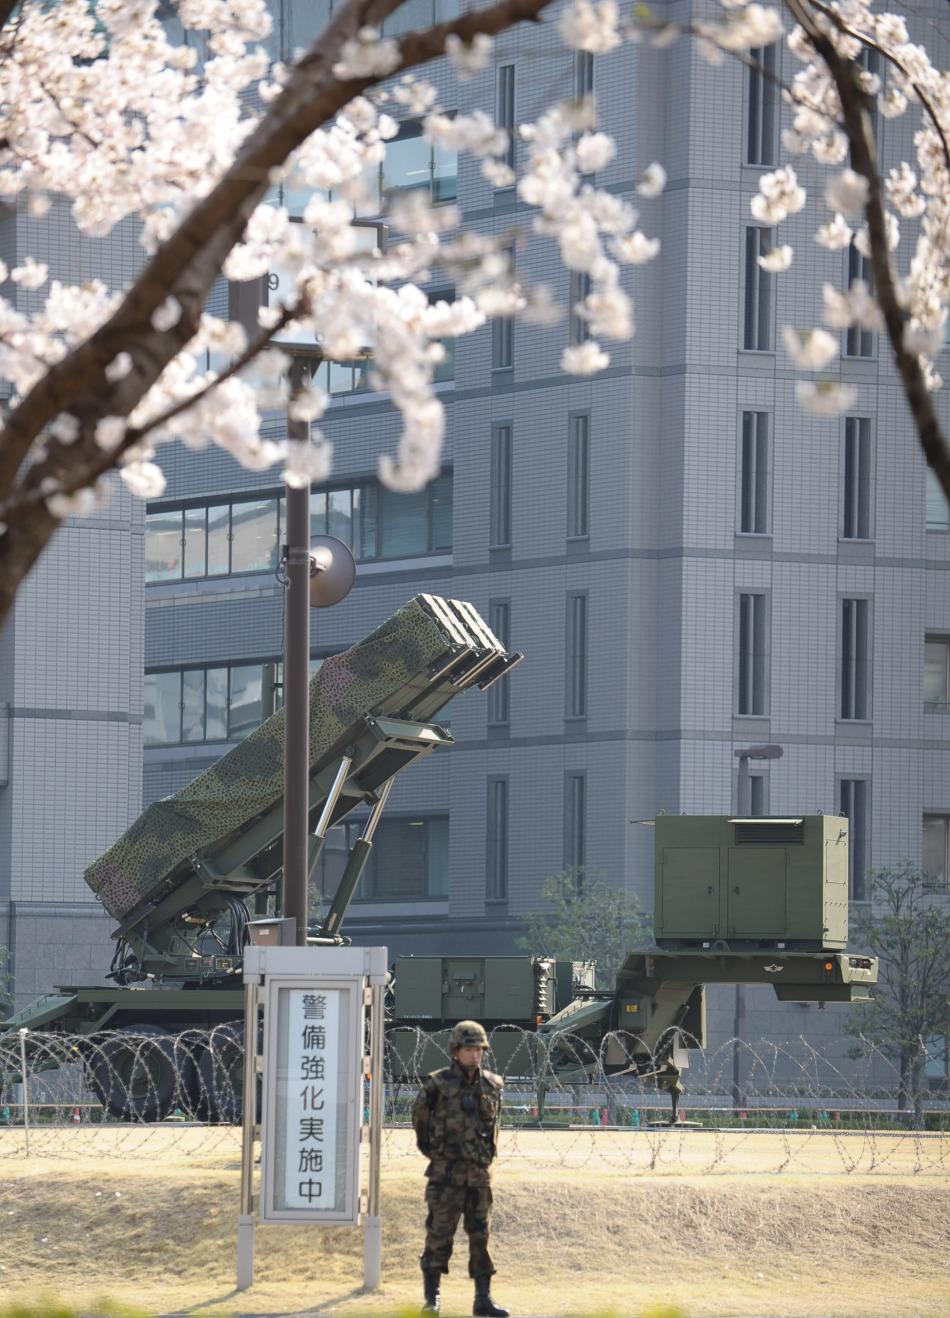 """4月9日,""""爱国者3""""型导弹发射装置停放在日本东京的防卫省总部运动场内。日本防卫省9日表示,为了应对朝鲜发射卫星,日本已经完成""""爱国者3""""型导弹在全国的部署工作。"""